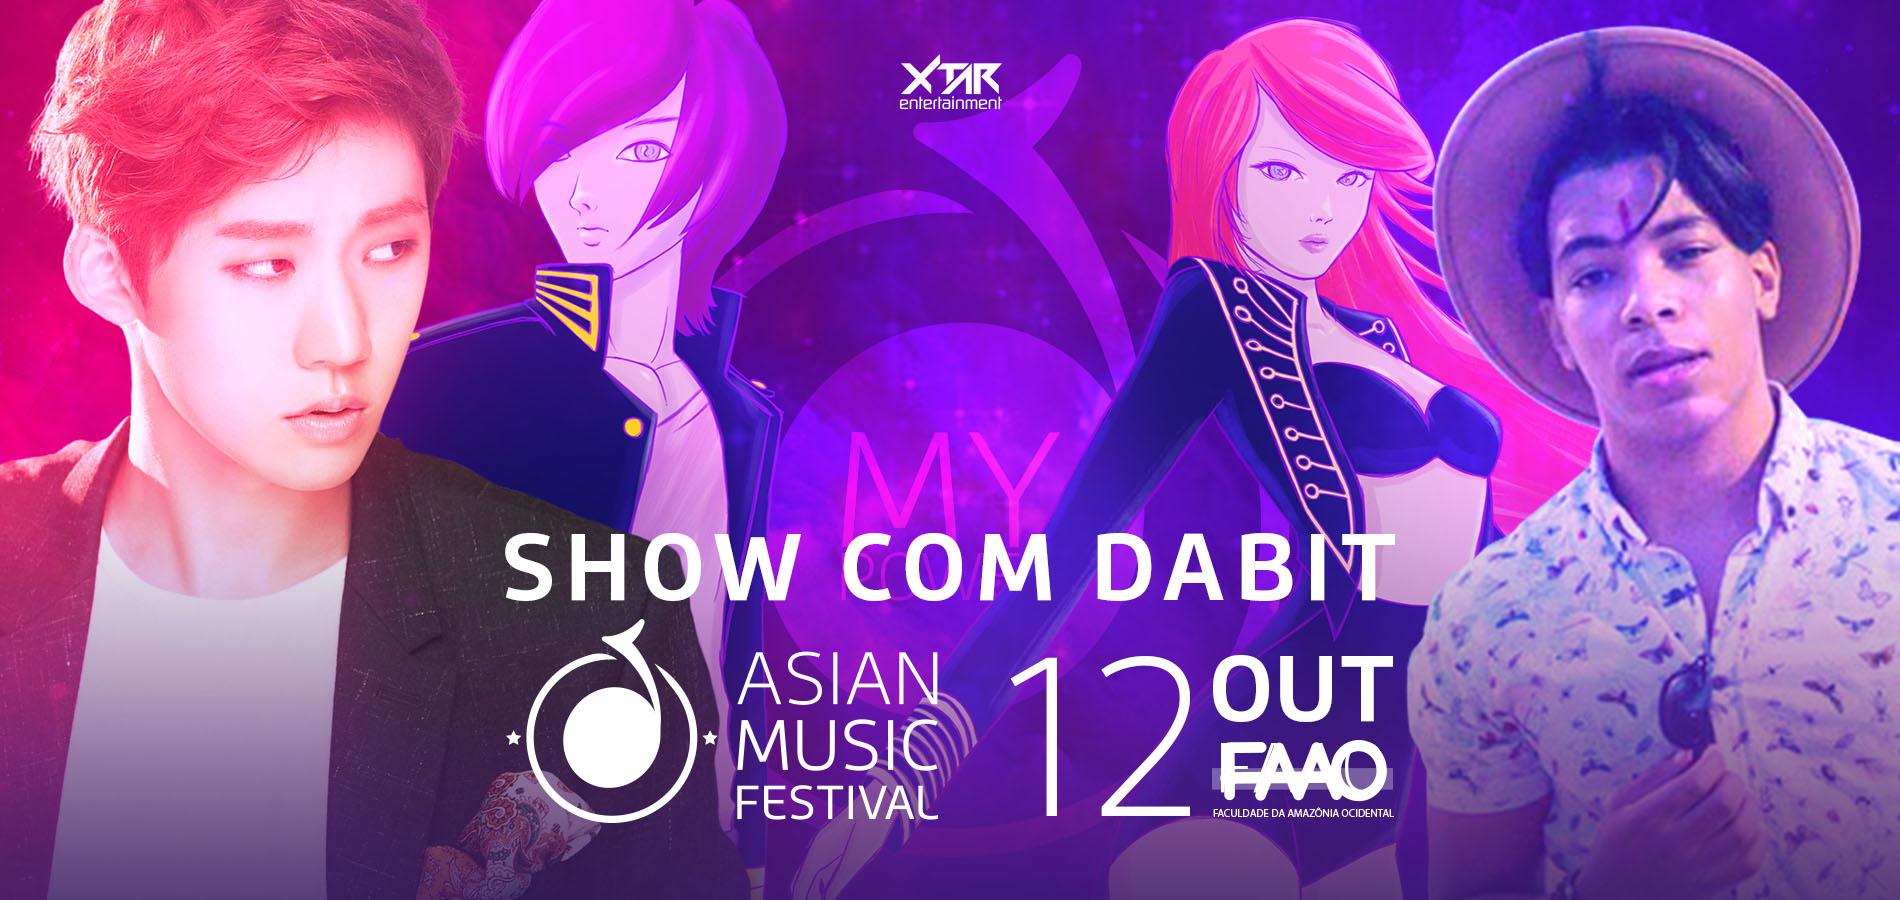 Asian music blogspot